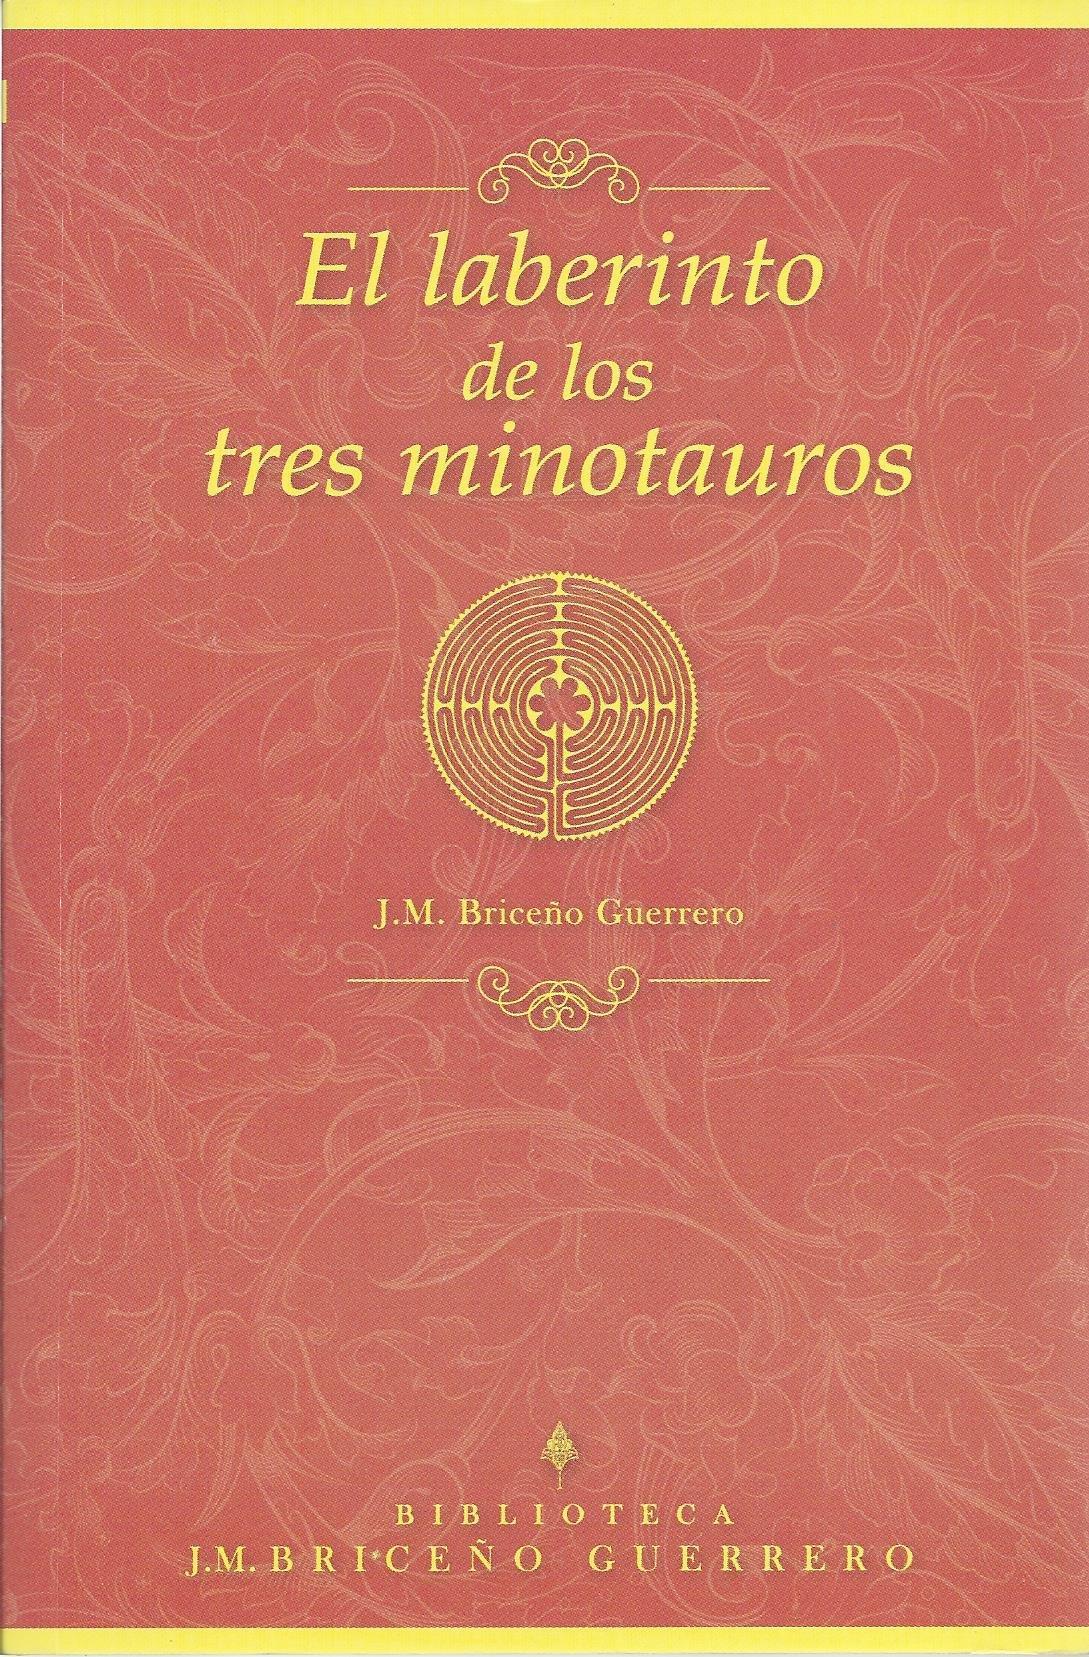 El laberinto de los tres minotauros: J. M. Briceño Guerrero ...